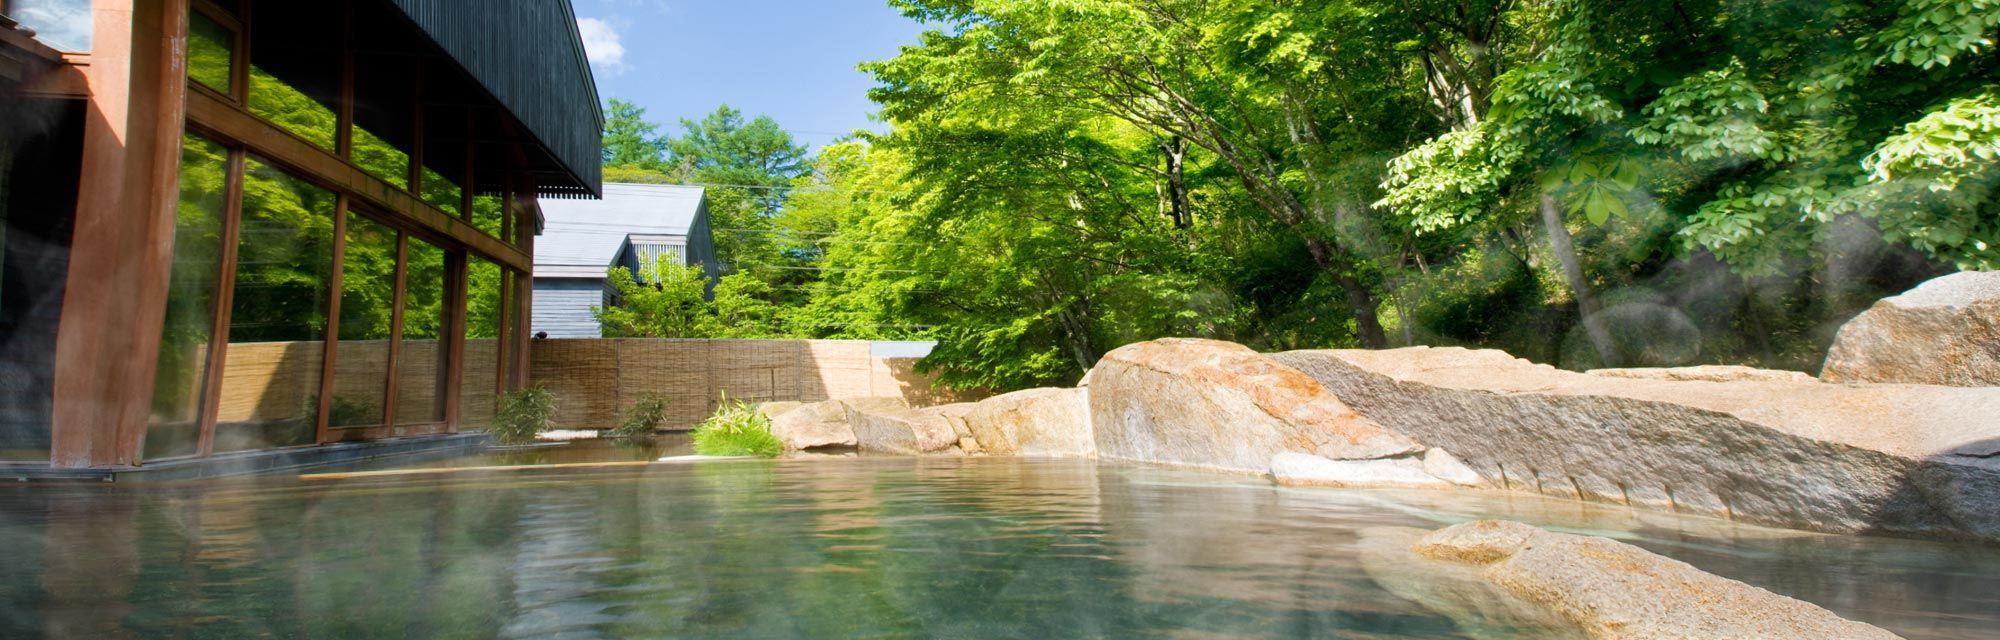 Hoshino-onsen hot spring - Japan National Tourism Organization